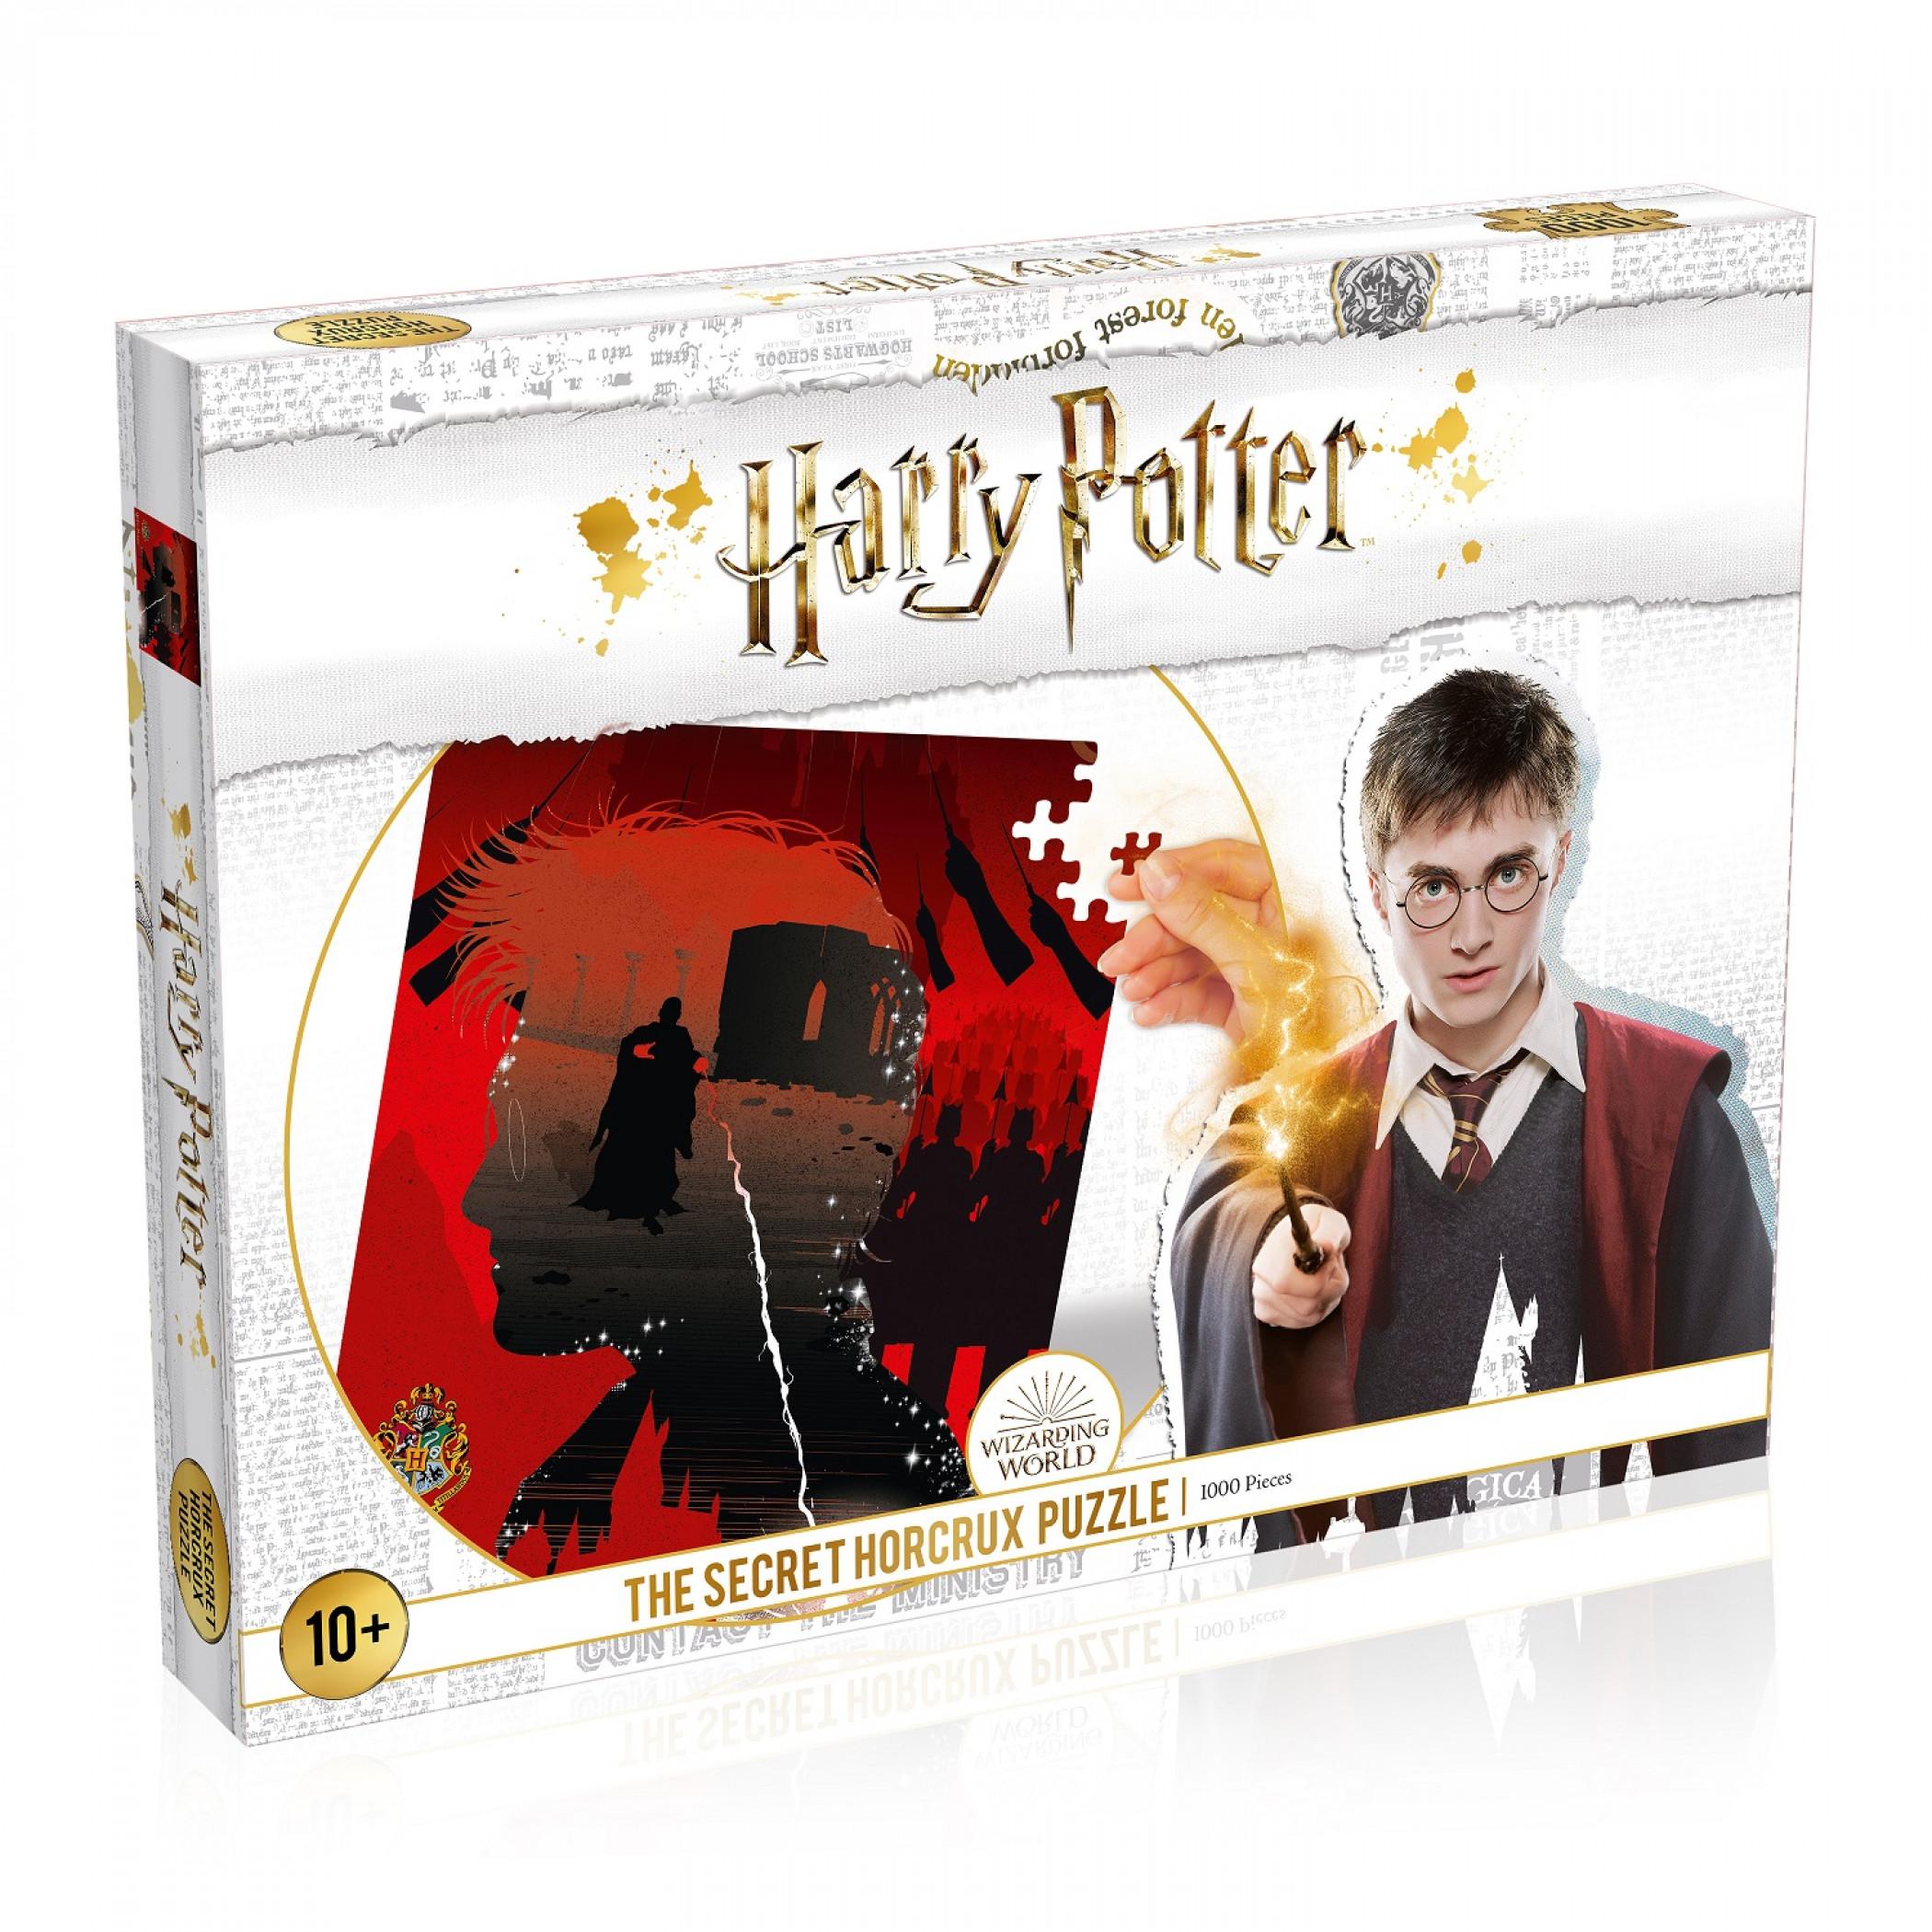 Harry Potter The Secret Horcrux 1000 Piece Puzzle